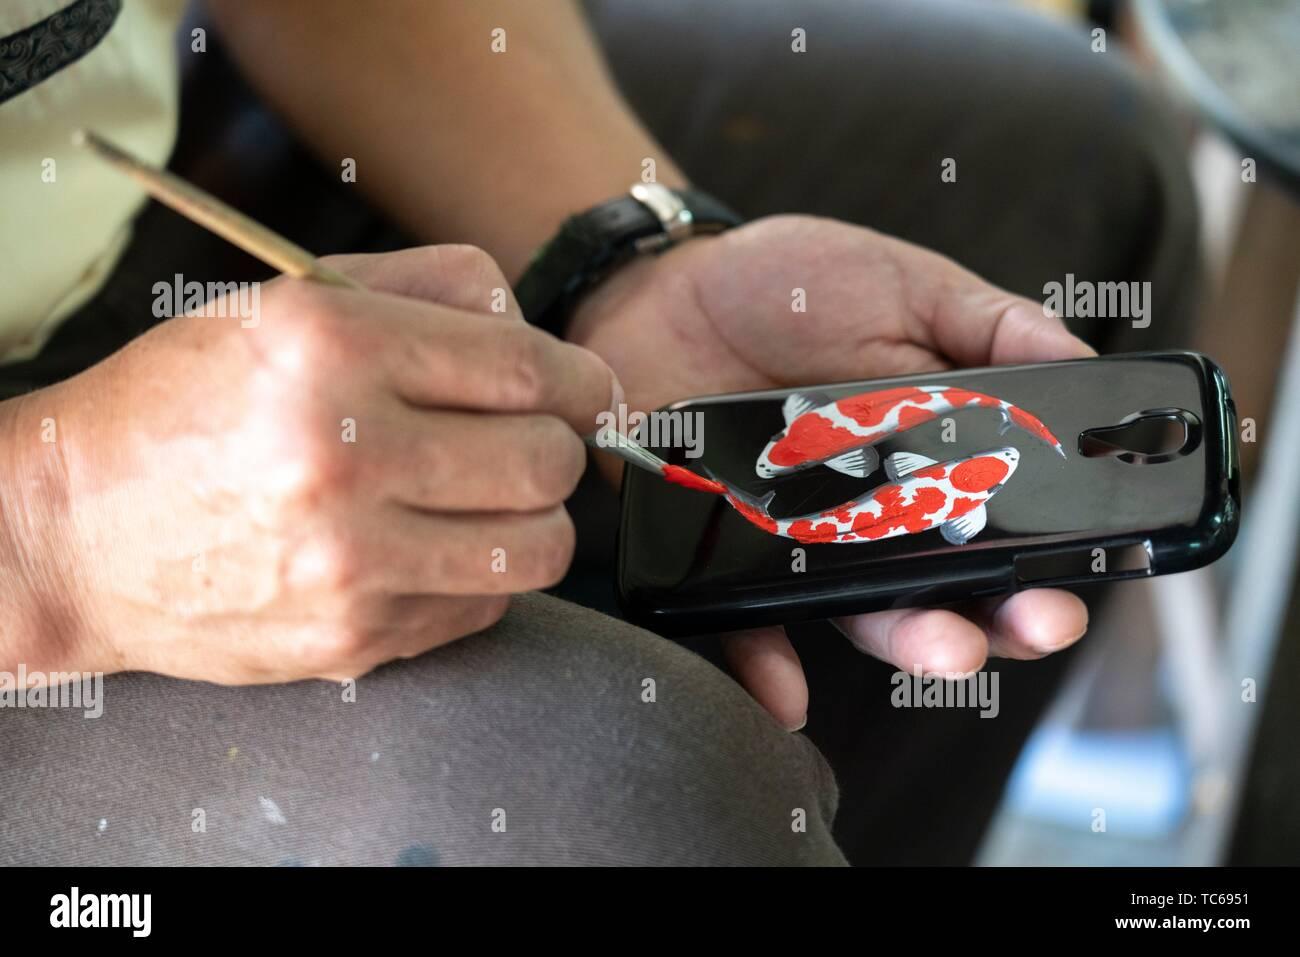 Thailand, Chiang Mai Provinz, Bor Sang. Regenschirm factory. Ein Arbeitnehmer, der malt Eine handphone Gehäuse. Stockbild